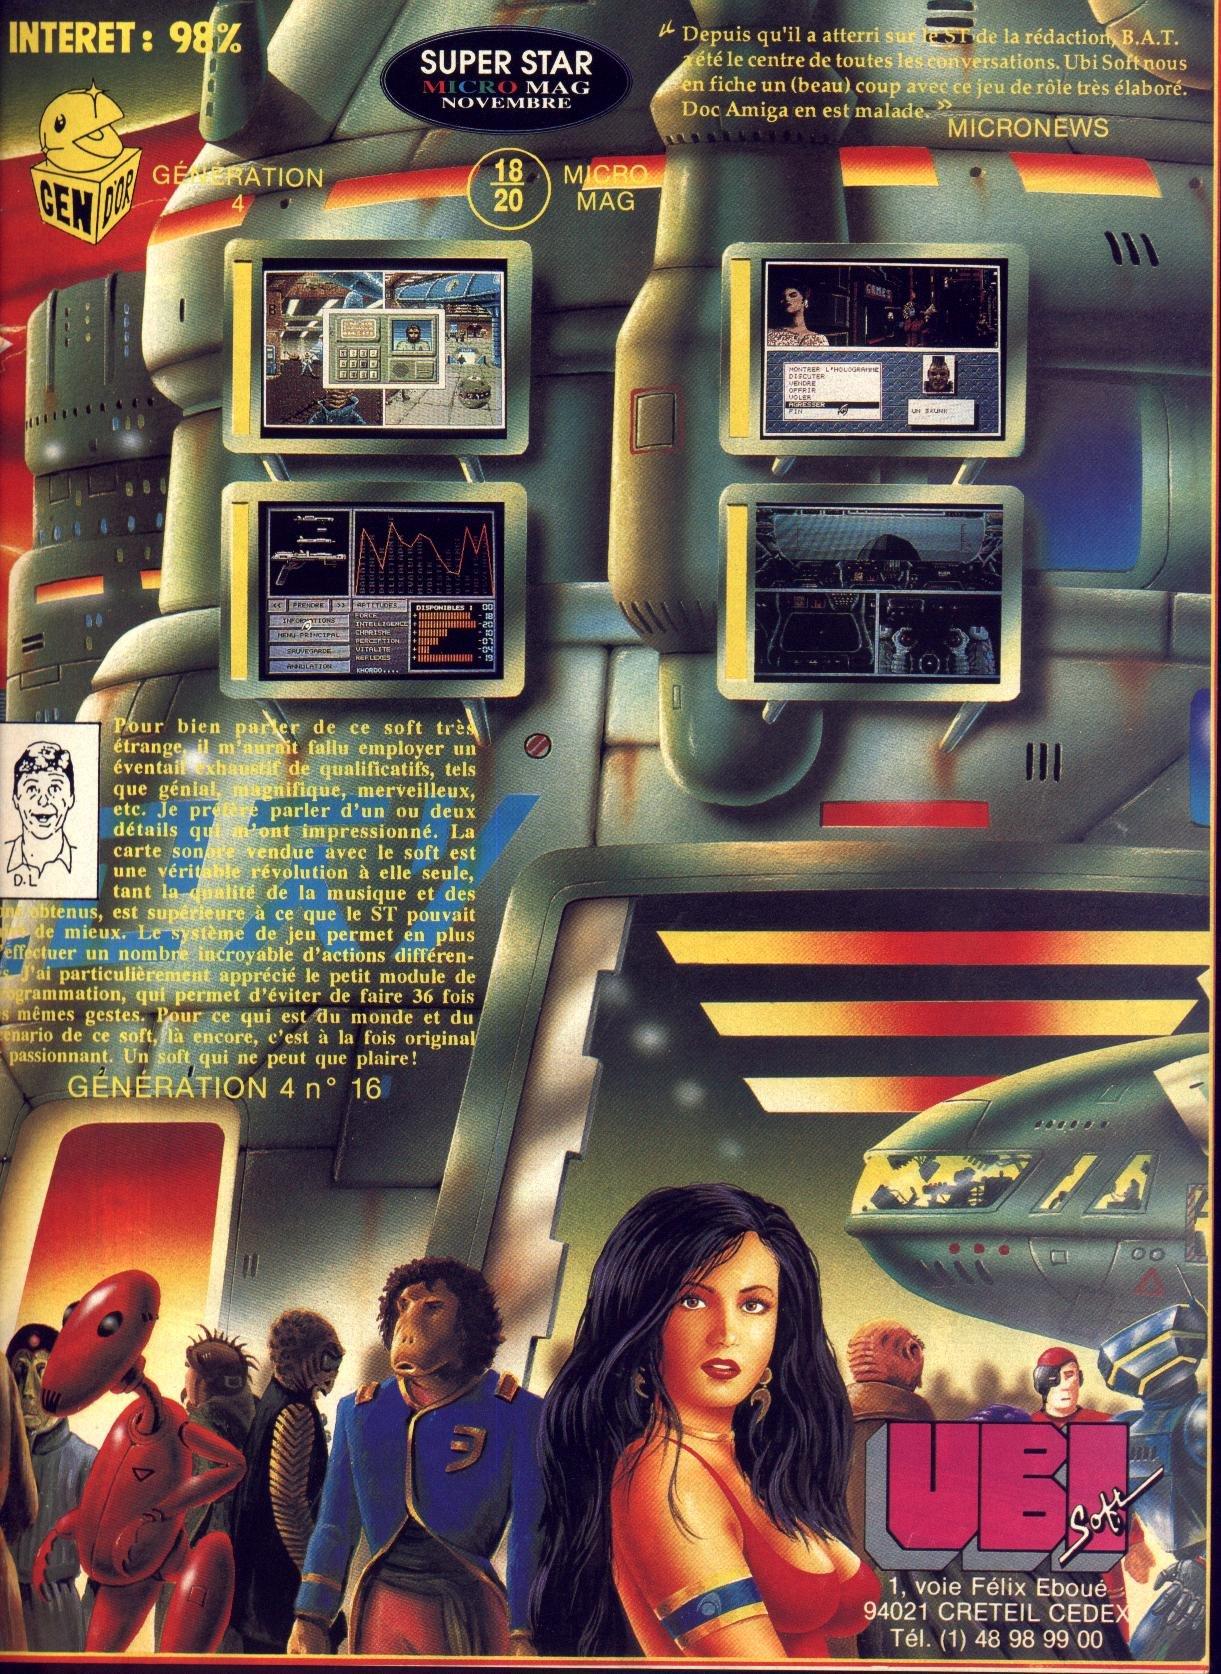 [TEST] B.A.T. - Atari ST 201215090805880816